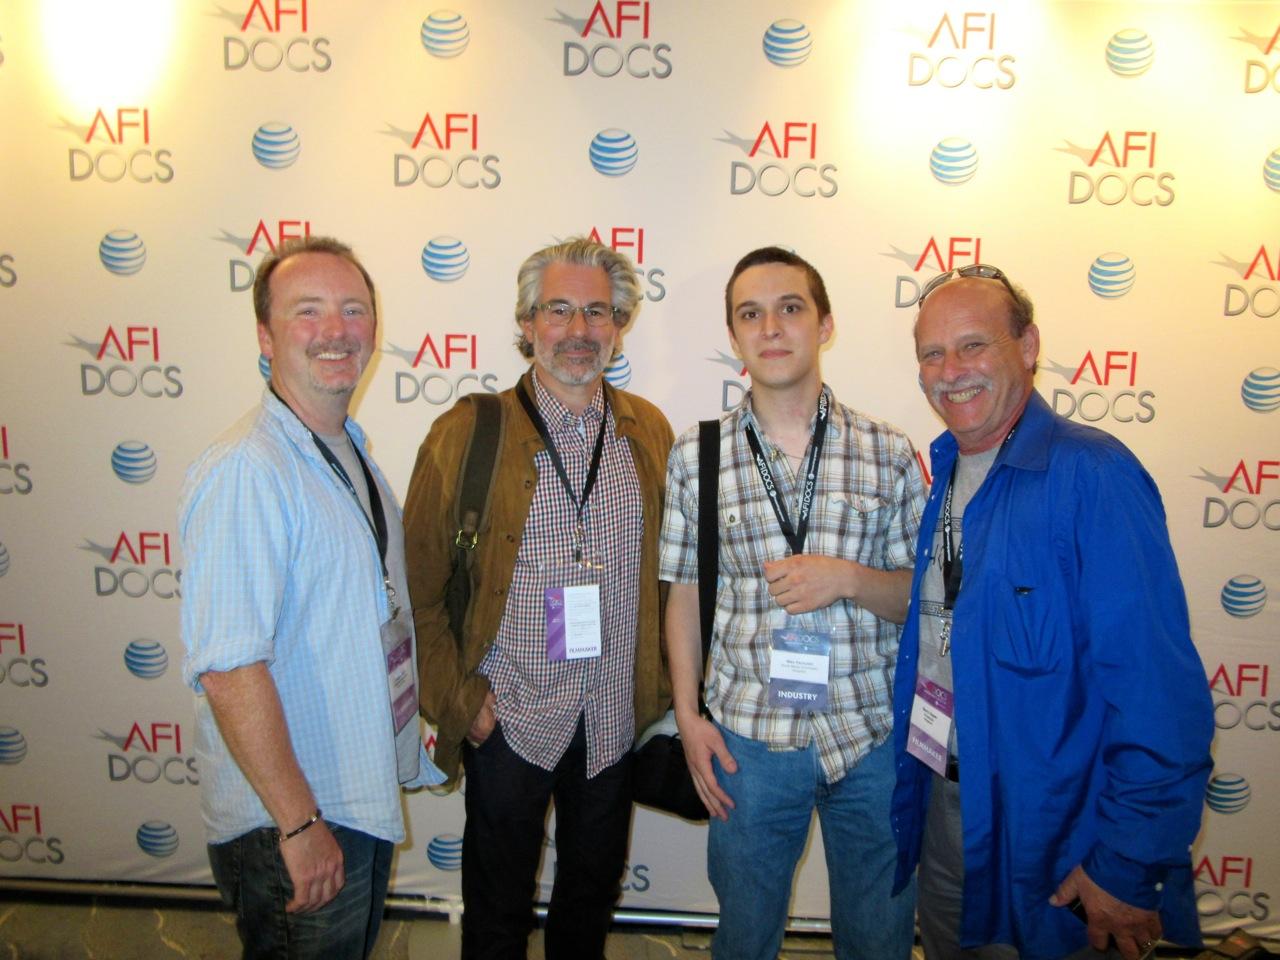 AFI Docs 2014